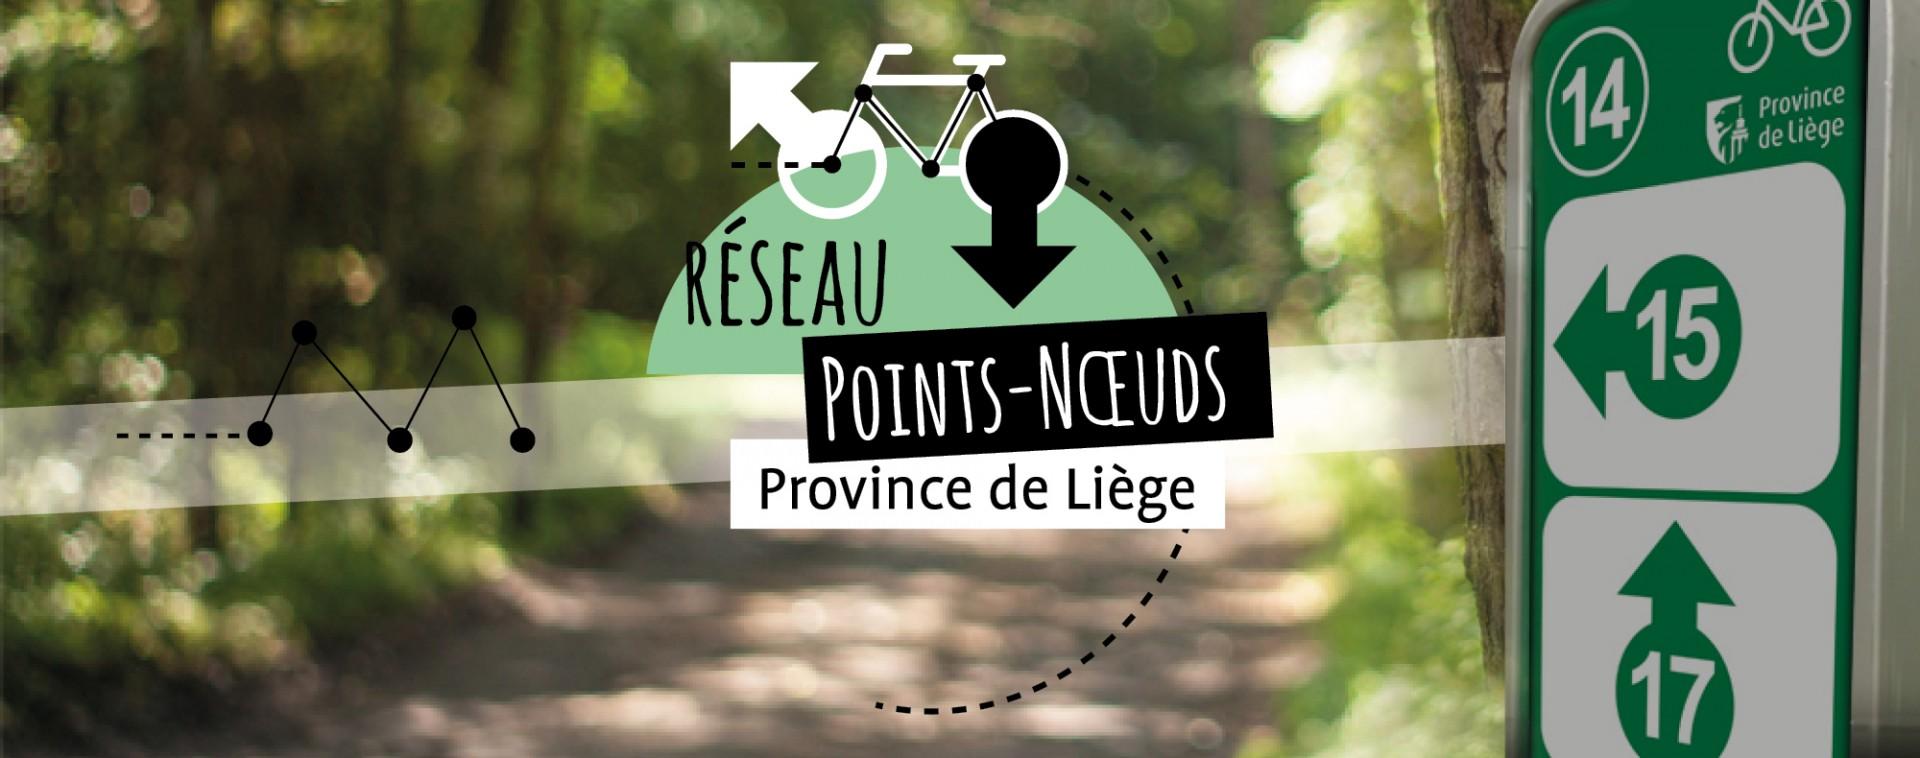 Réseau vélo points-nœuds Province de Liège | © FTPL